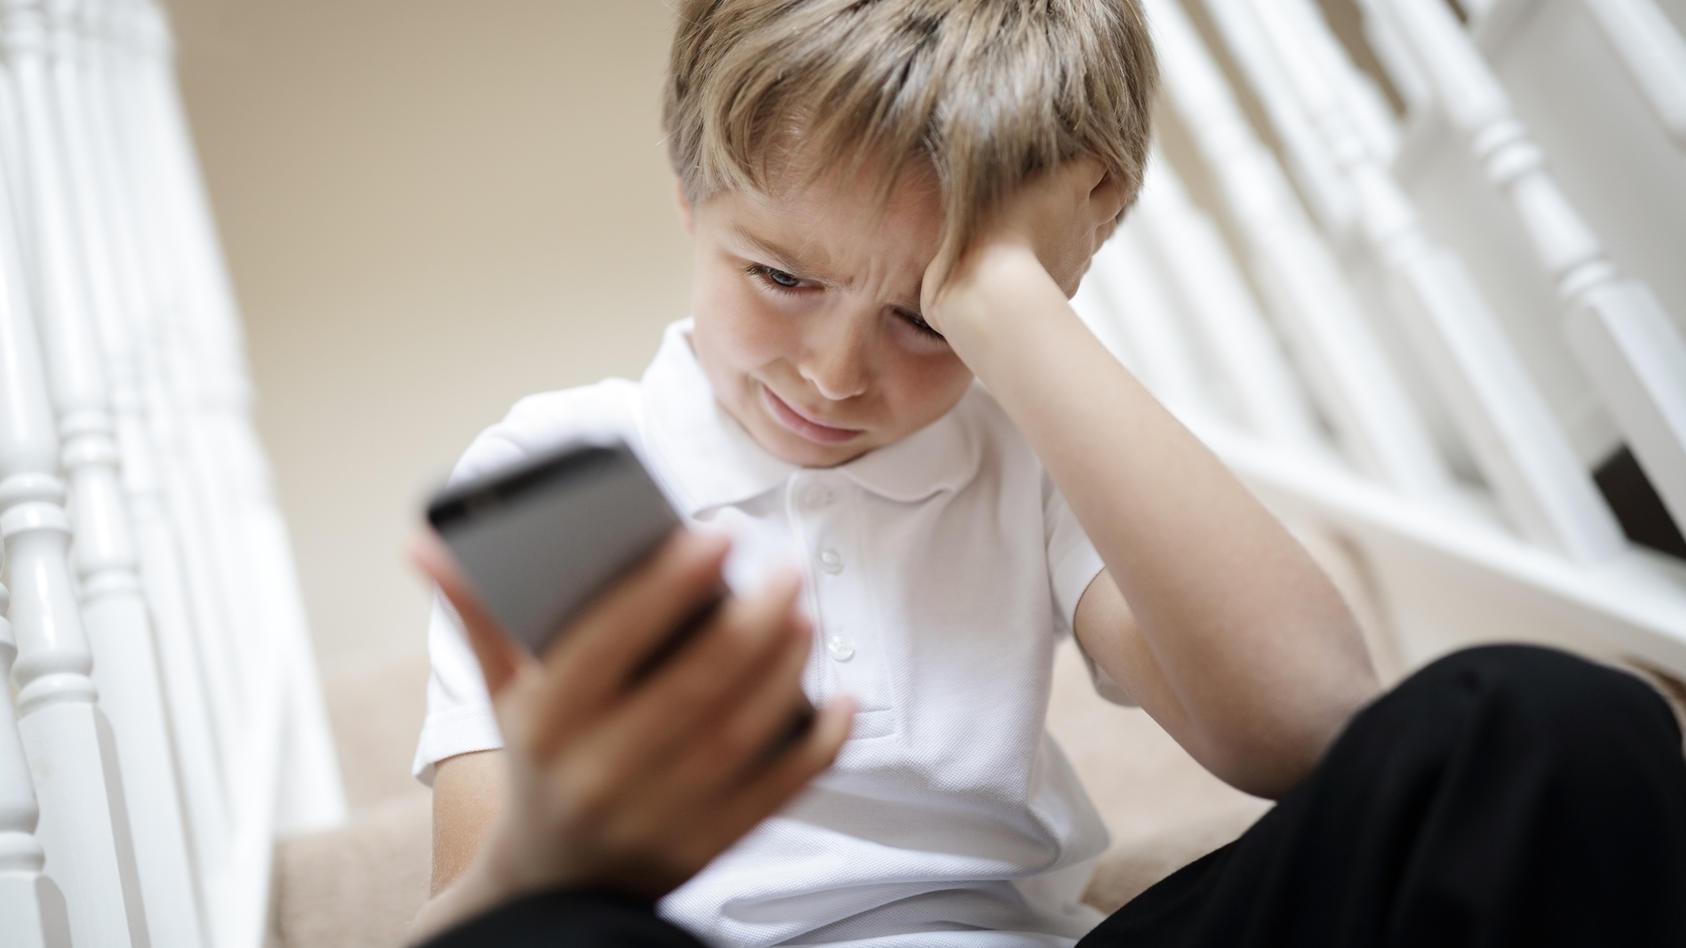 Kinder lieben Smartphones, aber es beeinträchtigt ihre Entwicklung - aber ab wann sollten sie eins benutzen dürfen?